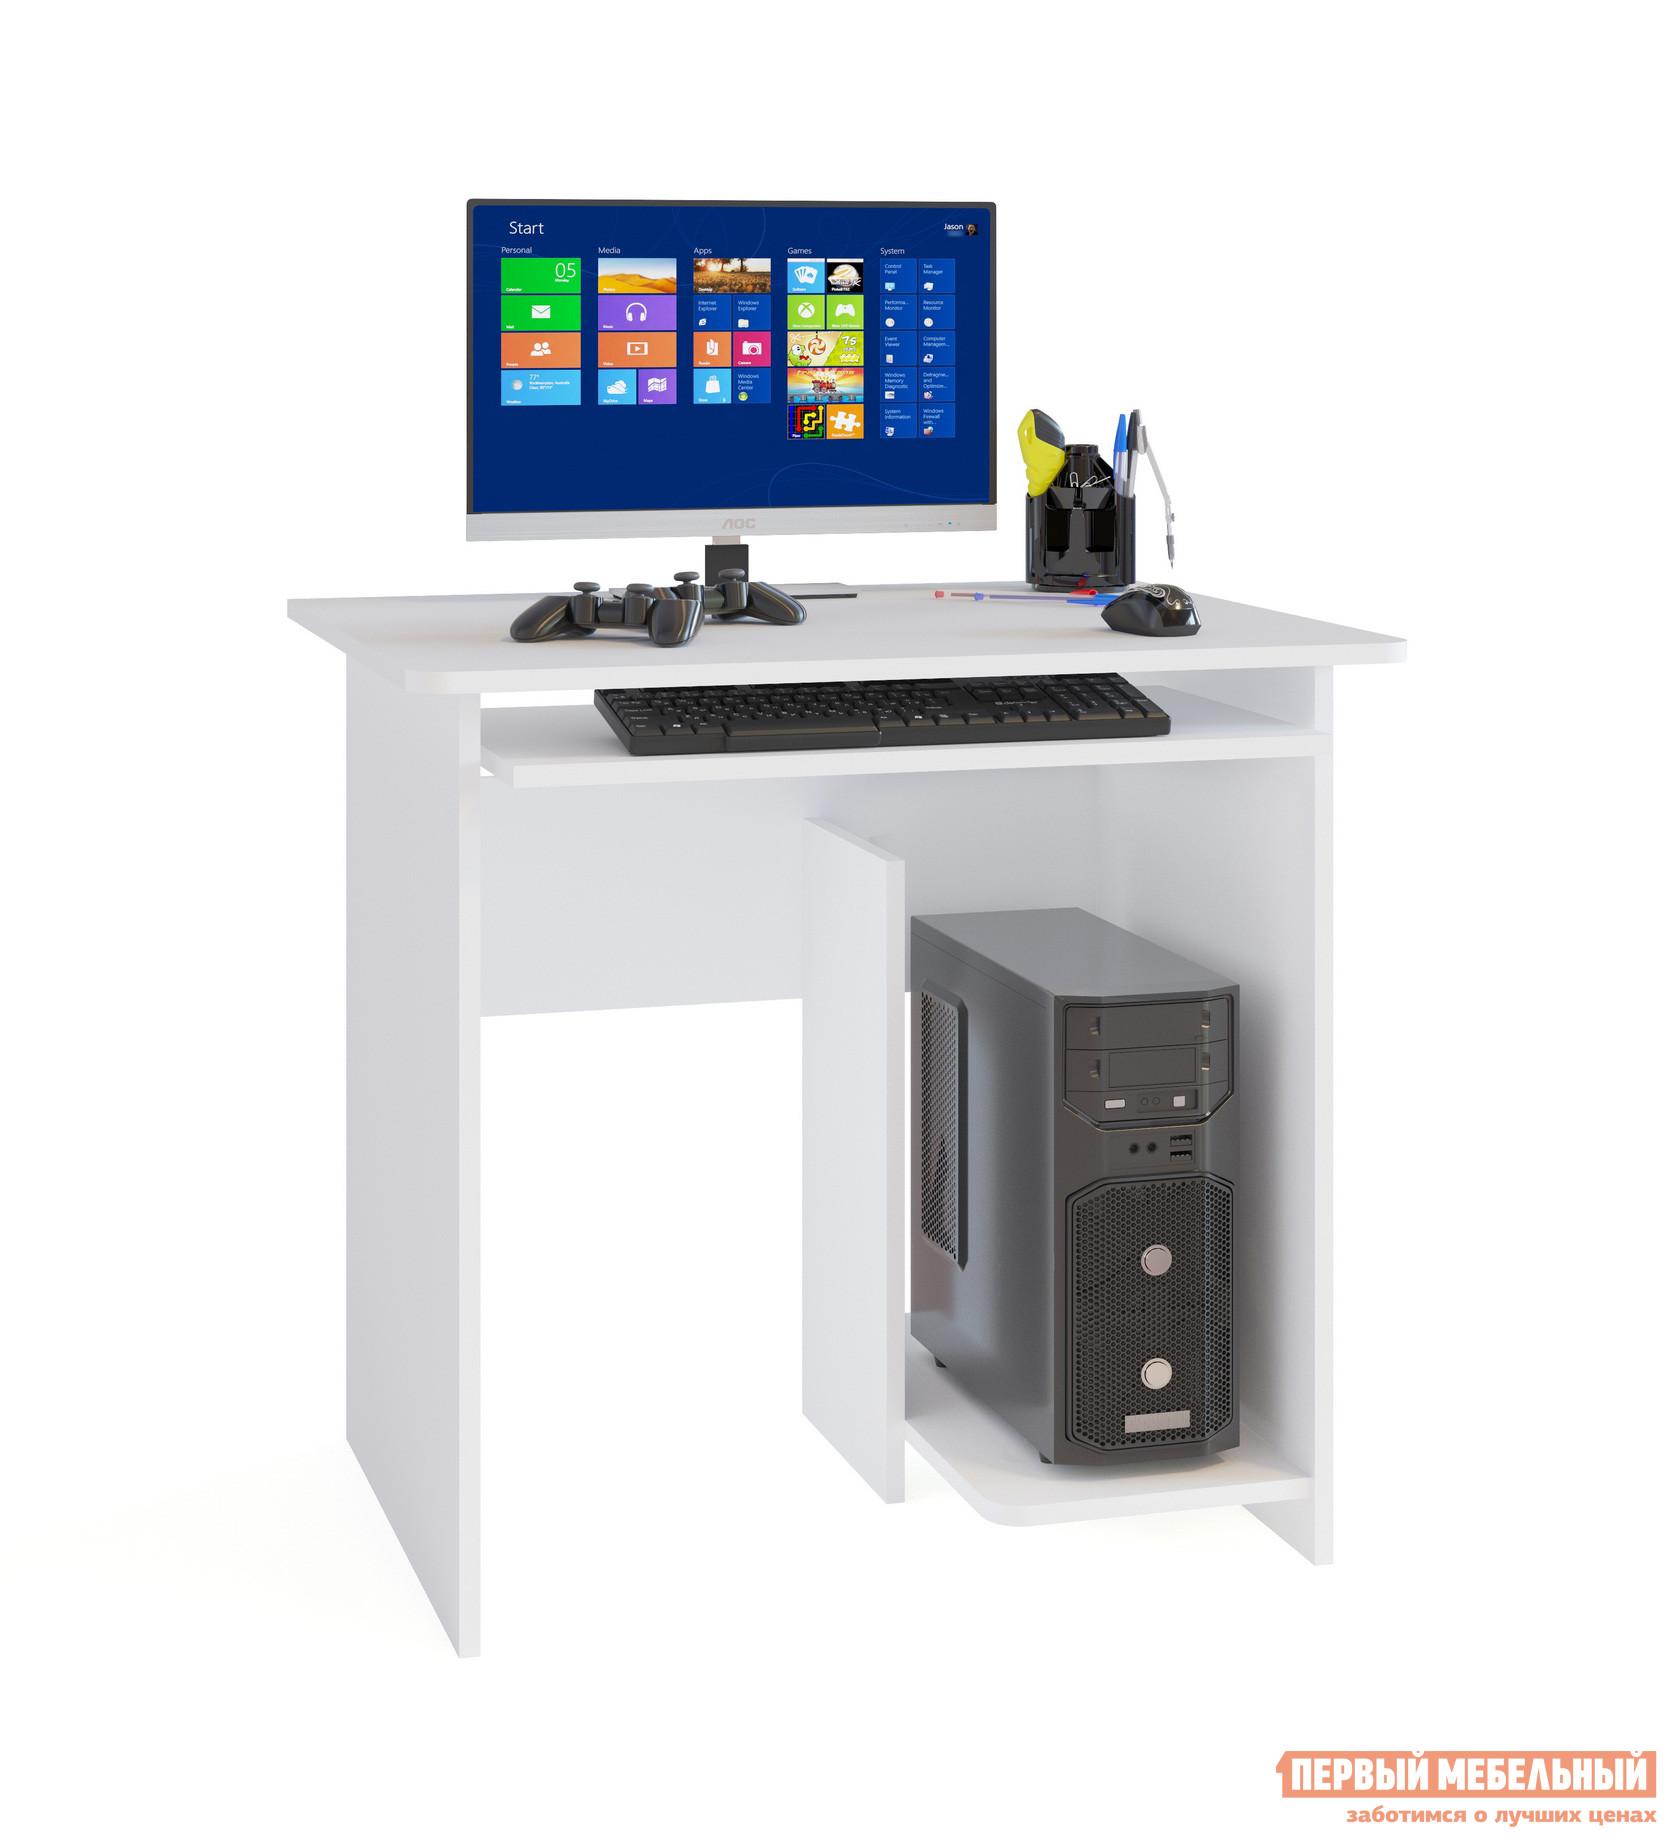 Компьютерный стол Сокол КСТ-21.1 БелыйКомпьютерные столы<br>Габаритные размеры ВхШхГ 740x800x600 мм. Стильный компактный компьютерный стол идеально подойдет для небольшой комнаты.  Лаконичные формы и белый цвет исполнения делает стол универсальным для любого интерьера. Размеры столешницы — 800 х 600 мм — позволяют установить монитор любой диагонали.  Стол оборудован выдвижной полкой для клавиатуры, а в основании с правой стороны расположена ниша под системный блок. Обратите внимание! Стол изготавливается только так, как показано на изображении — системный блок справа. Производится из ЛДСП толщиной 16 мм, края обработаны кромкой ПВХ 0,4 мм.<br><br>Цвет: Белый<br>Цвет: Белый<br>Высота мм: 740<br>Ширина мм: 800<br>Глубина мм: 600<br>Кол-во упаковок: 1<br>Форма поставки: В разобранном виде<br>Срок гарантии: 3 года<br>Тип: Прямые<br>Материал: Деревянные, из ЛДСП<br>Размер: Маленькие, Шириной 80 см<br>Особенности: Без надстройки, С полками